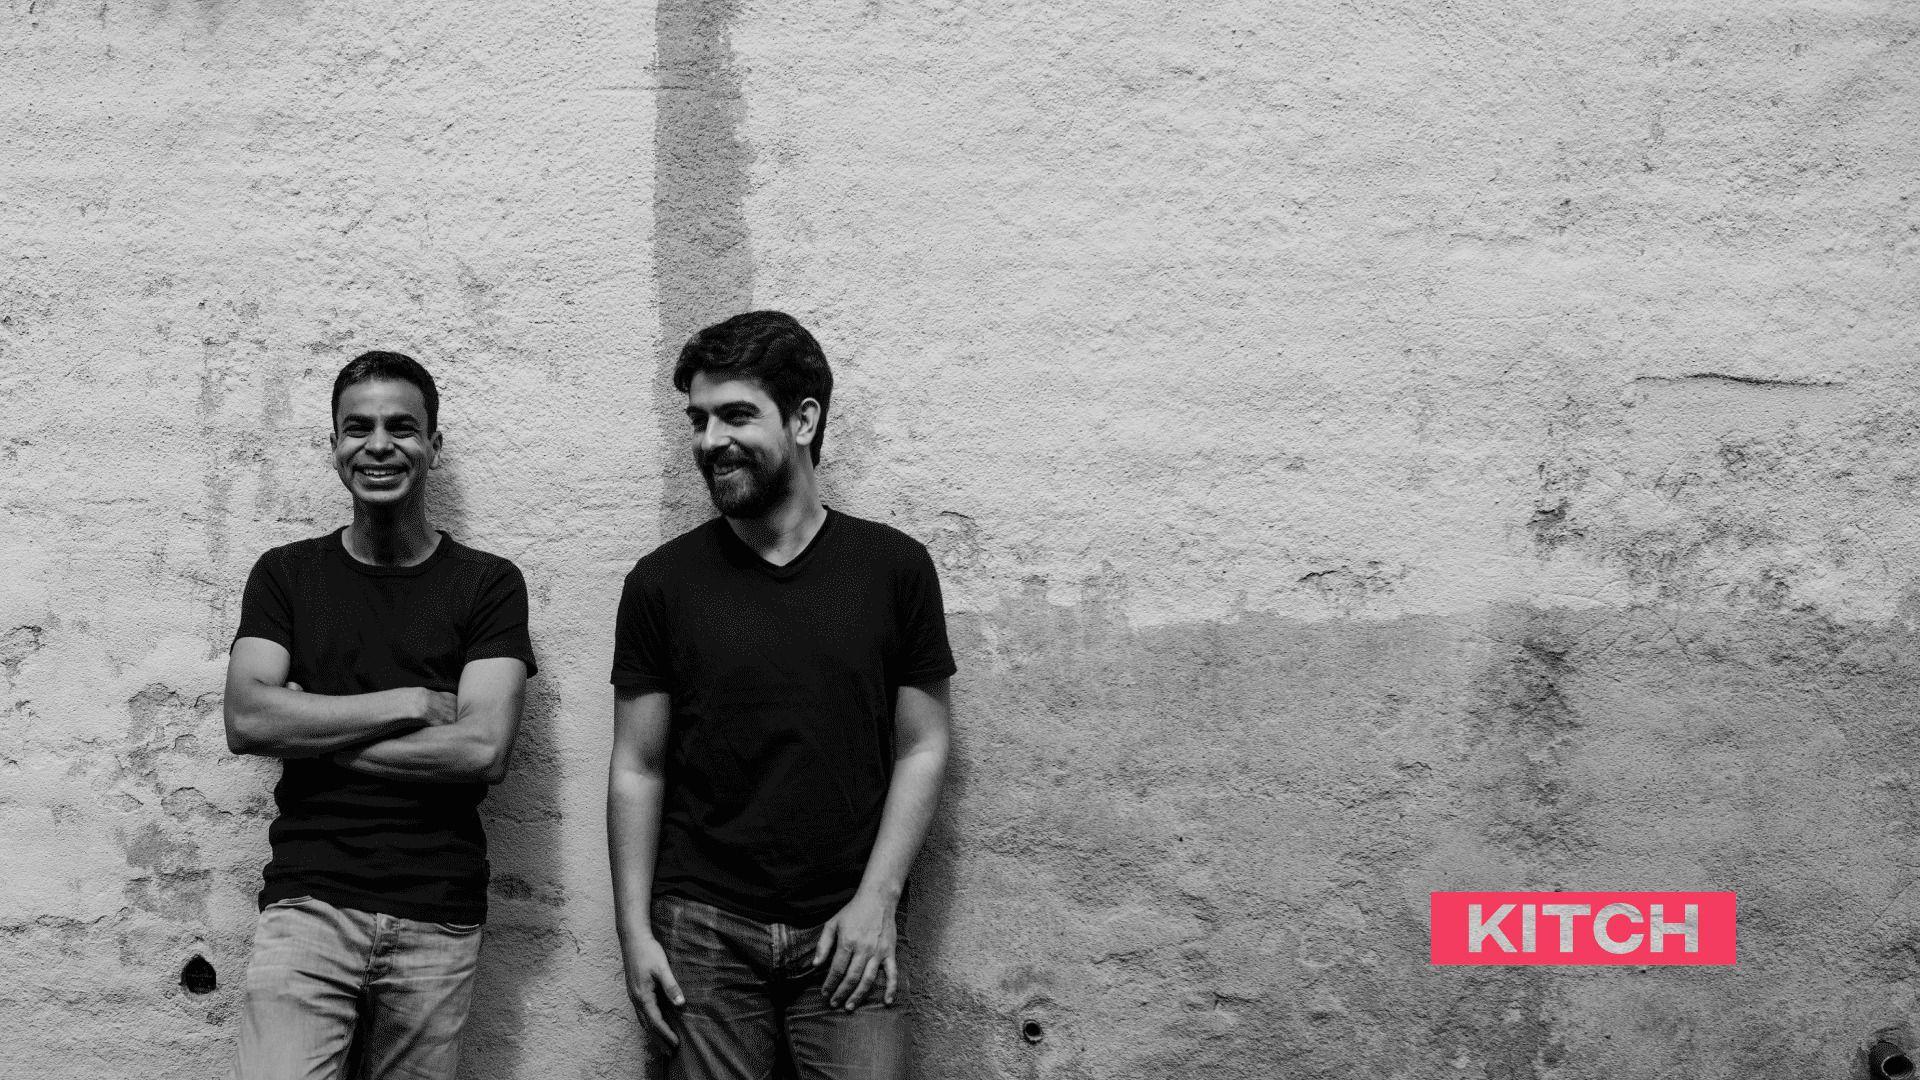 Kitch, la plataforma que ayuda a los restaurantes a digitalizarse sin perder independencia, llega a España